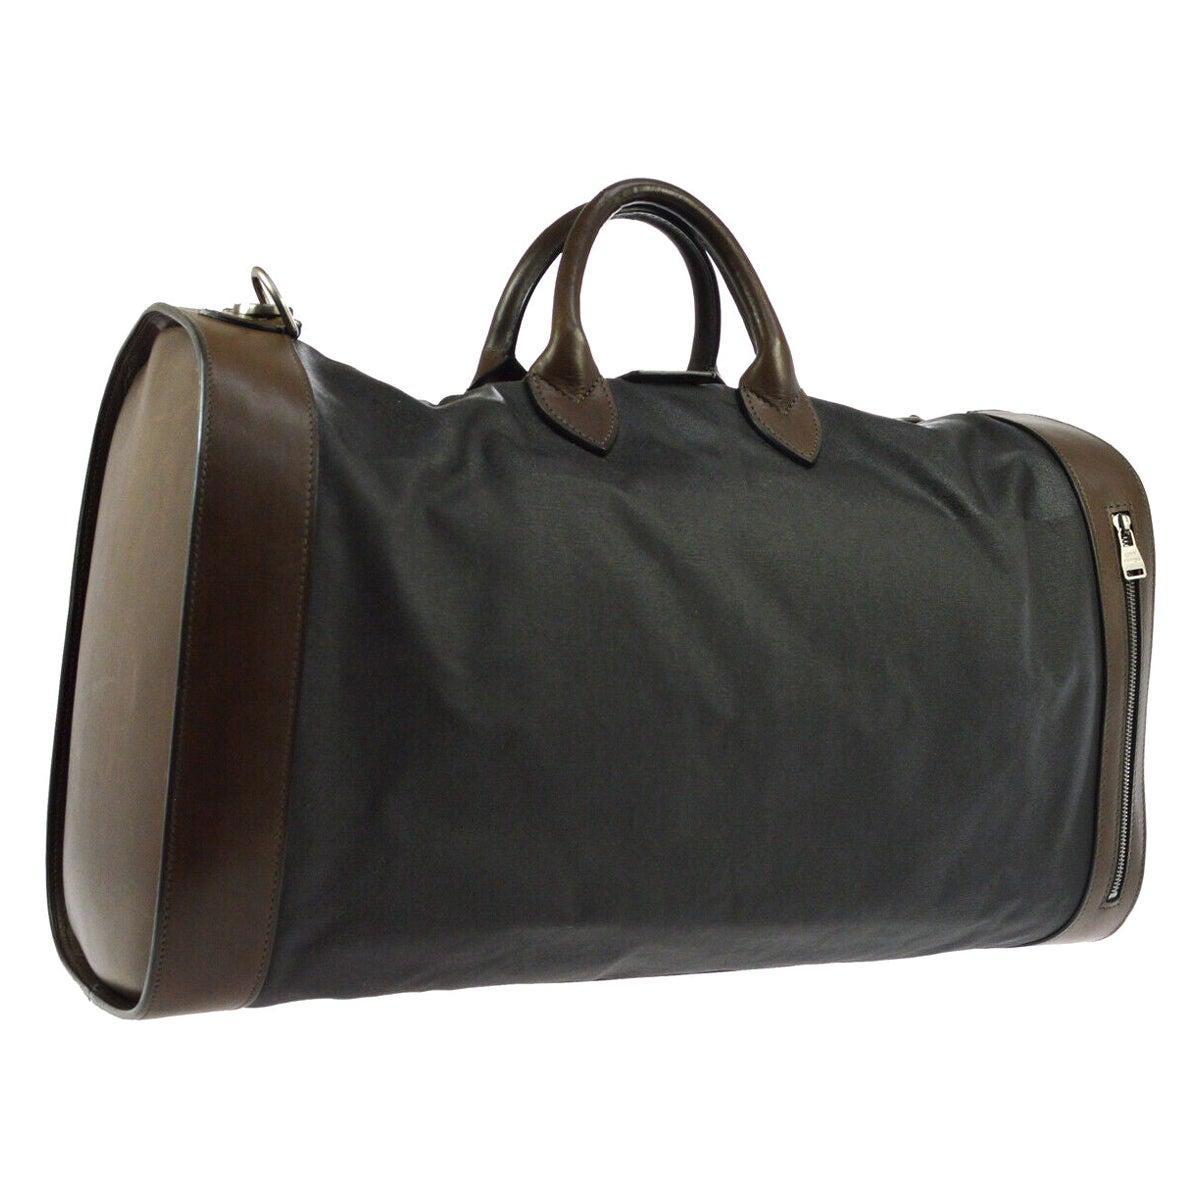 Louis Vuitton Black Brown Canvas Leather Top Handle Men's Travel Duffle Bag